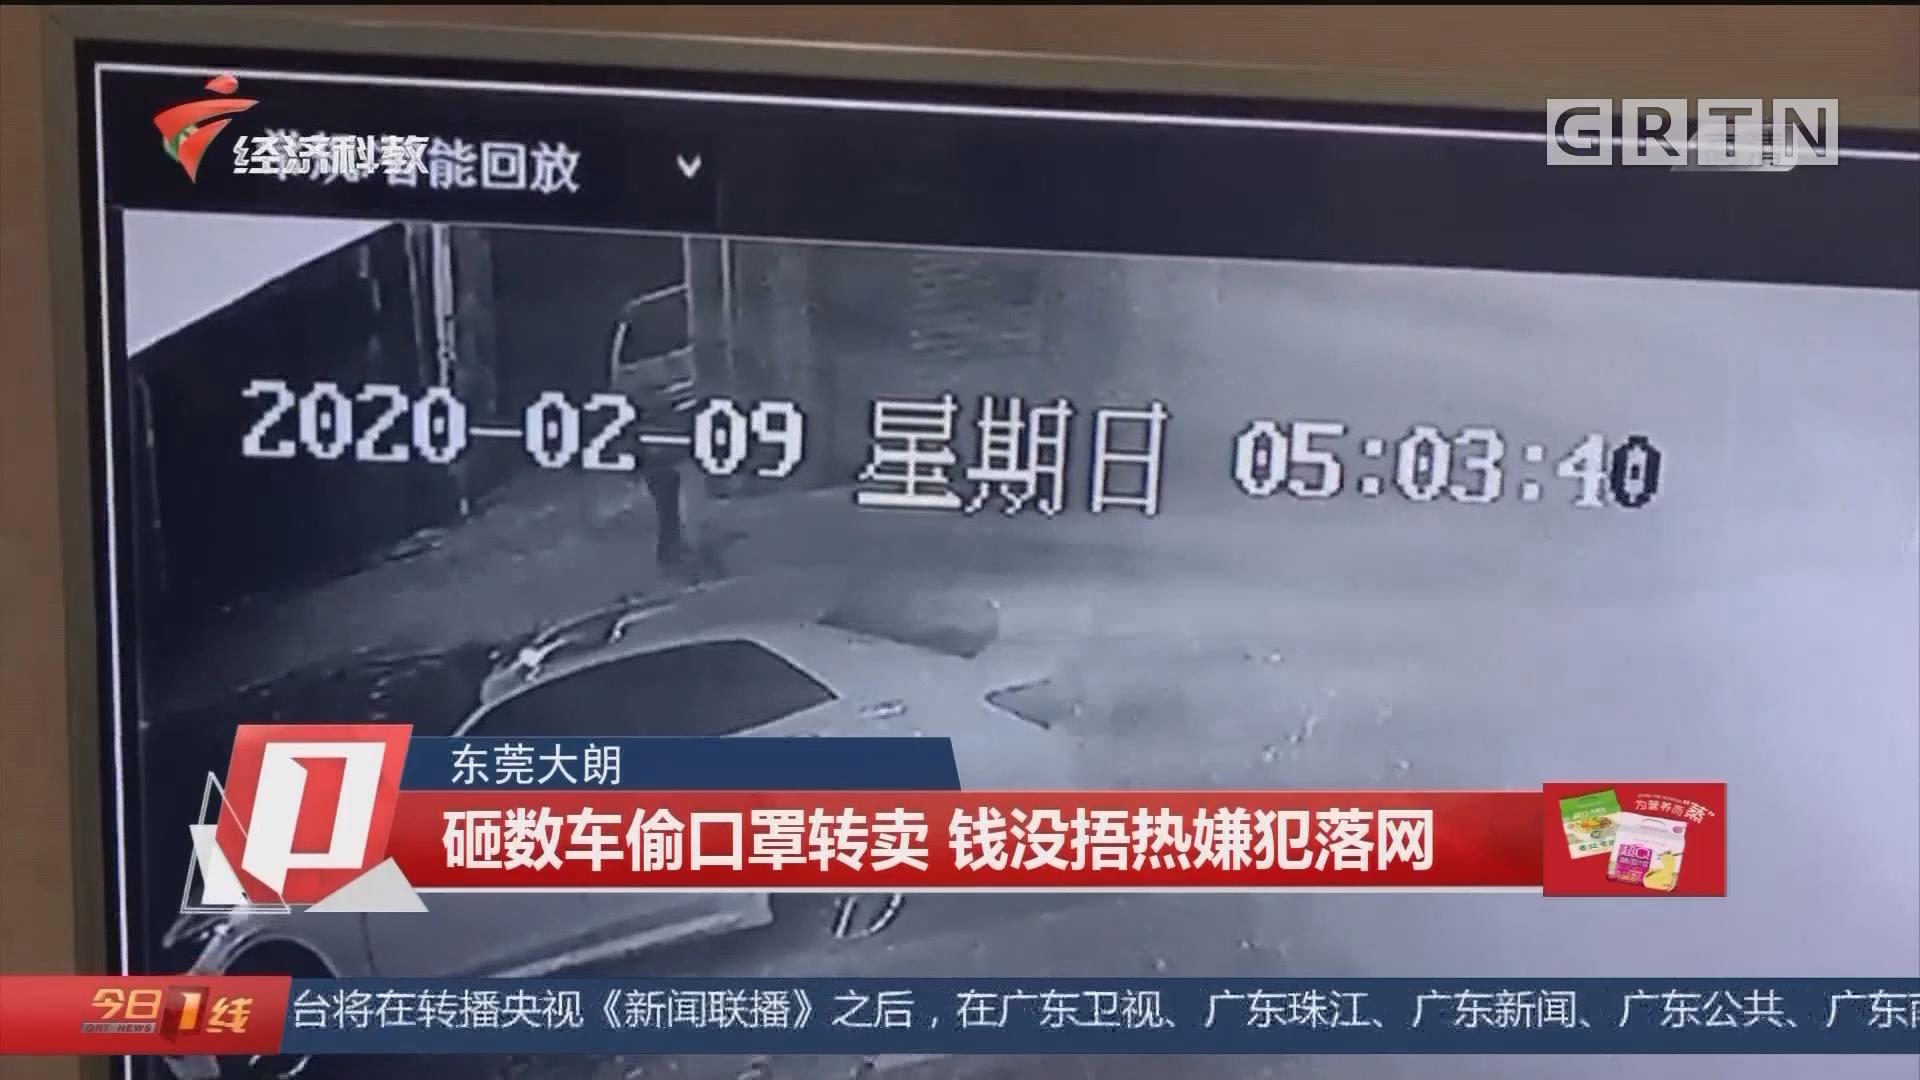 东莞大朗:砸数车偷口罩转卖 钱没捂热嫌犯落网